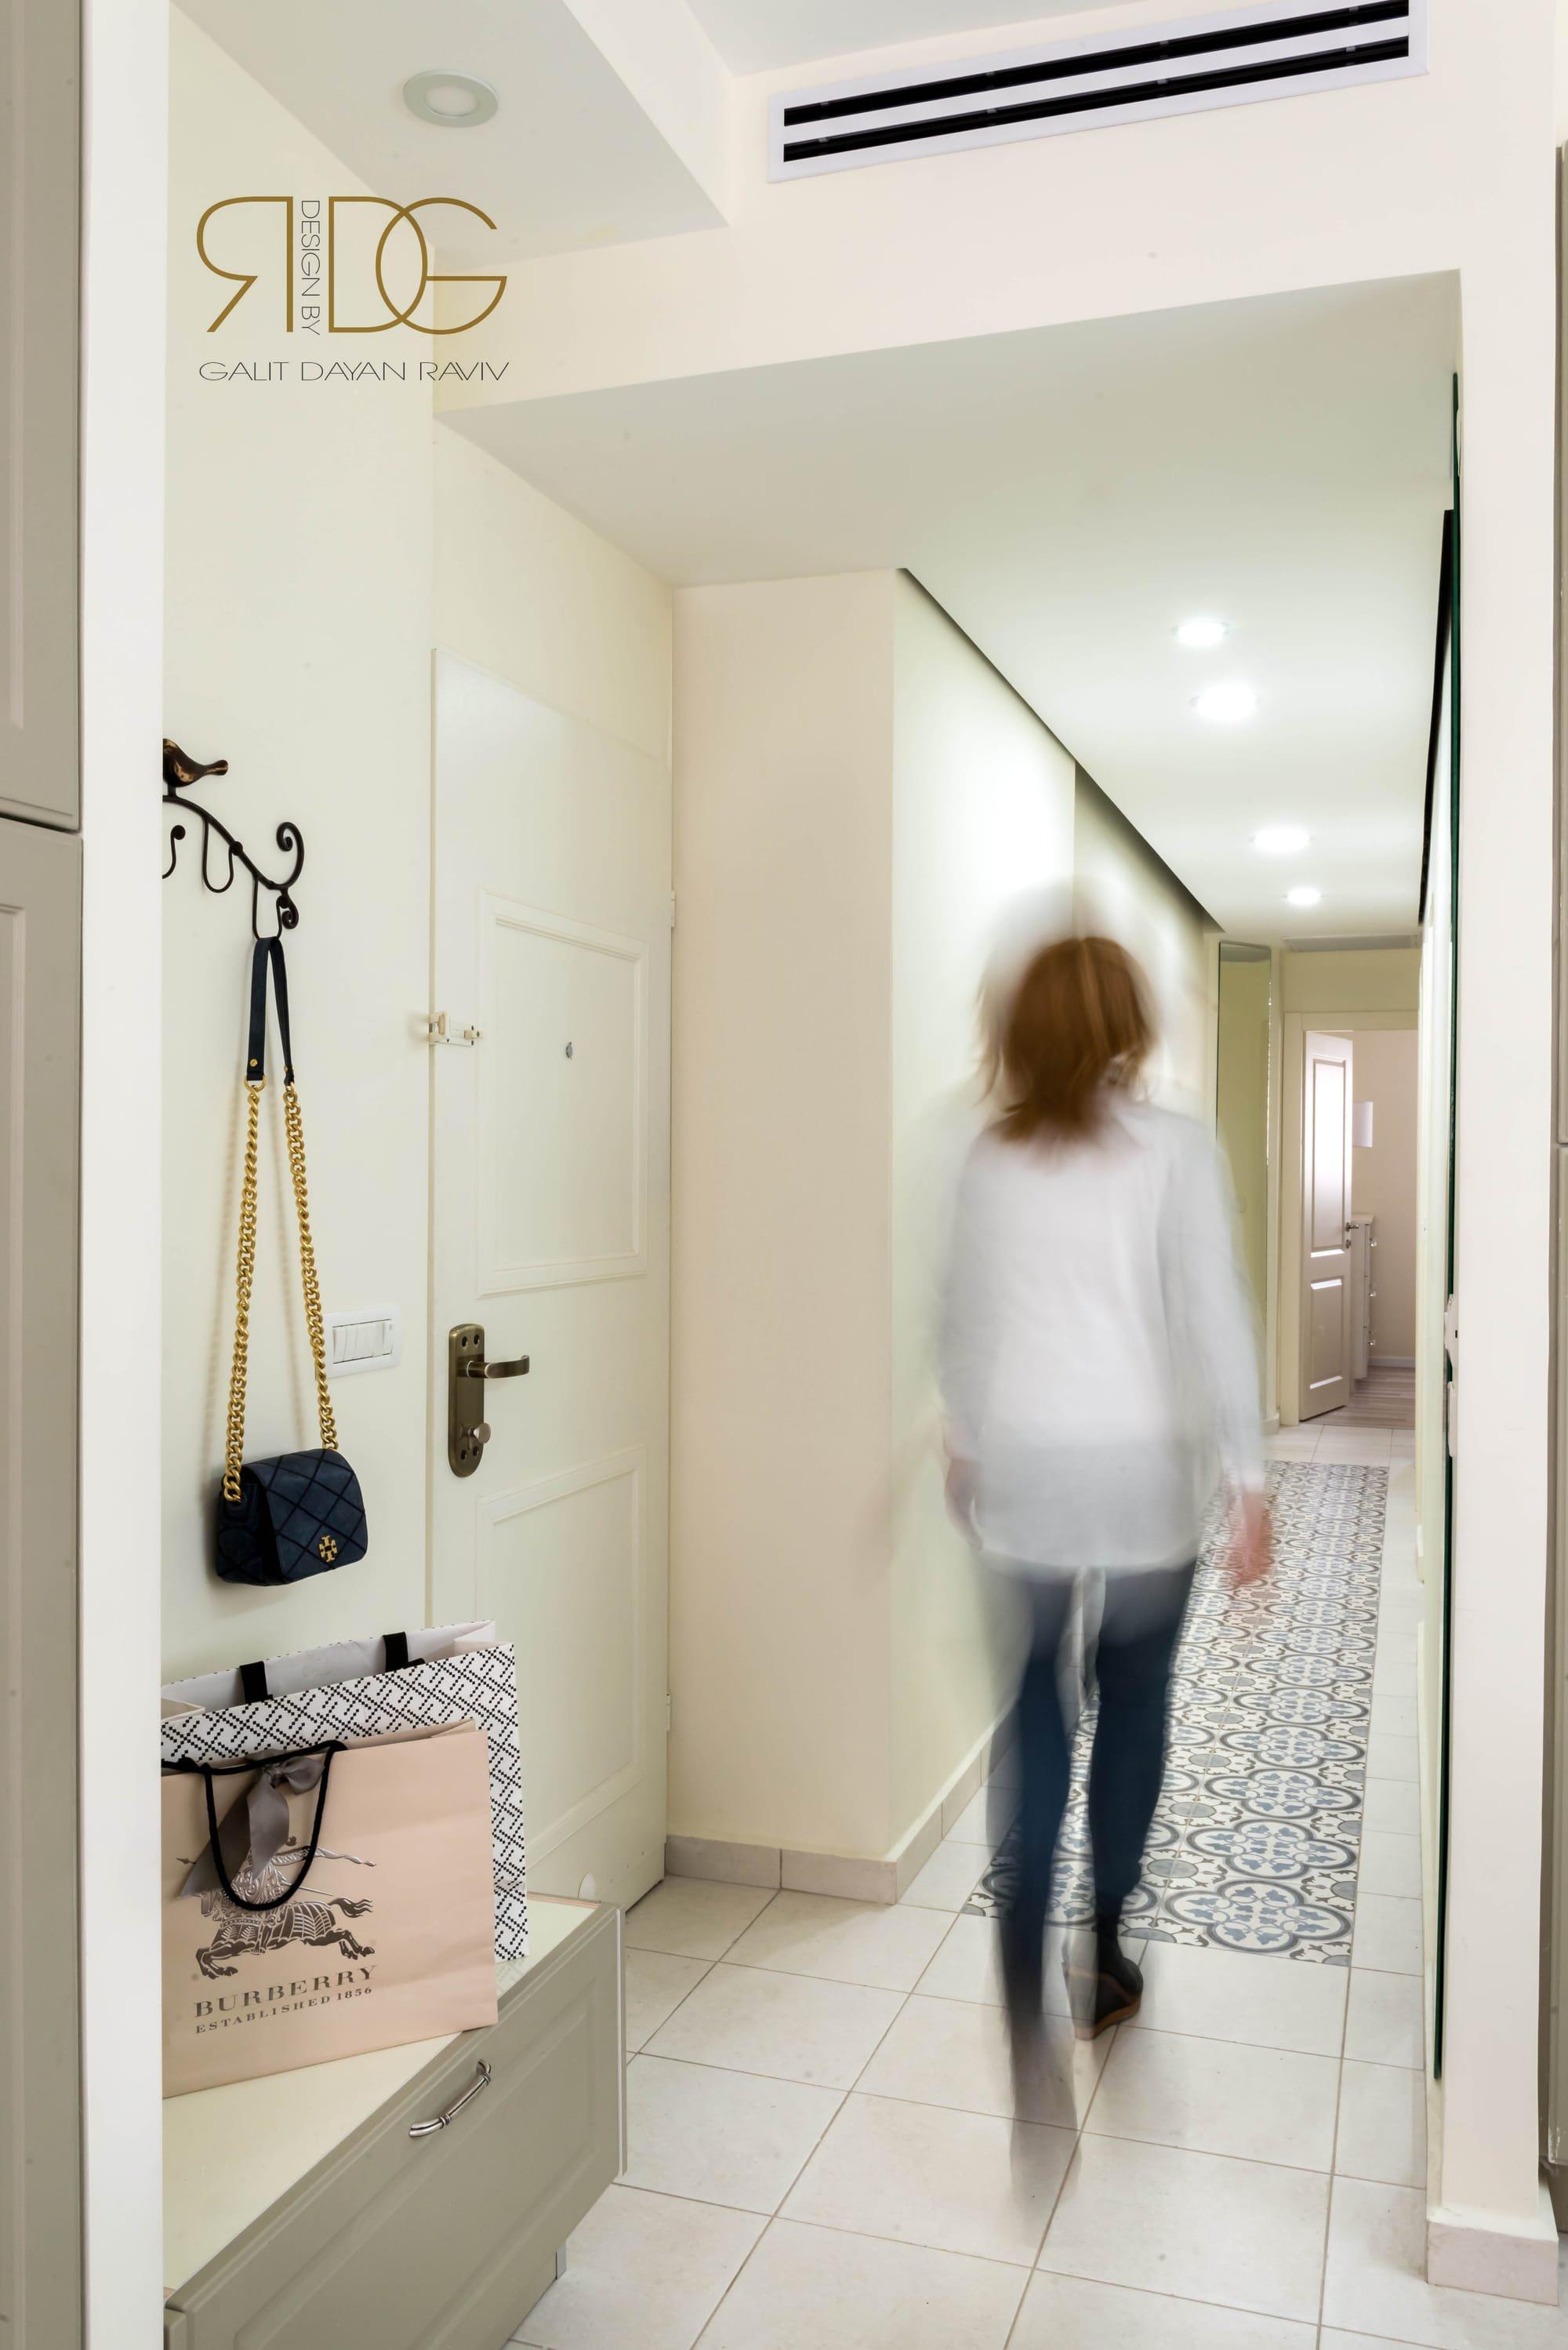 דלת הכניסה שודרגה ולידה עוצב ספסל לחליצת נעליים